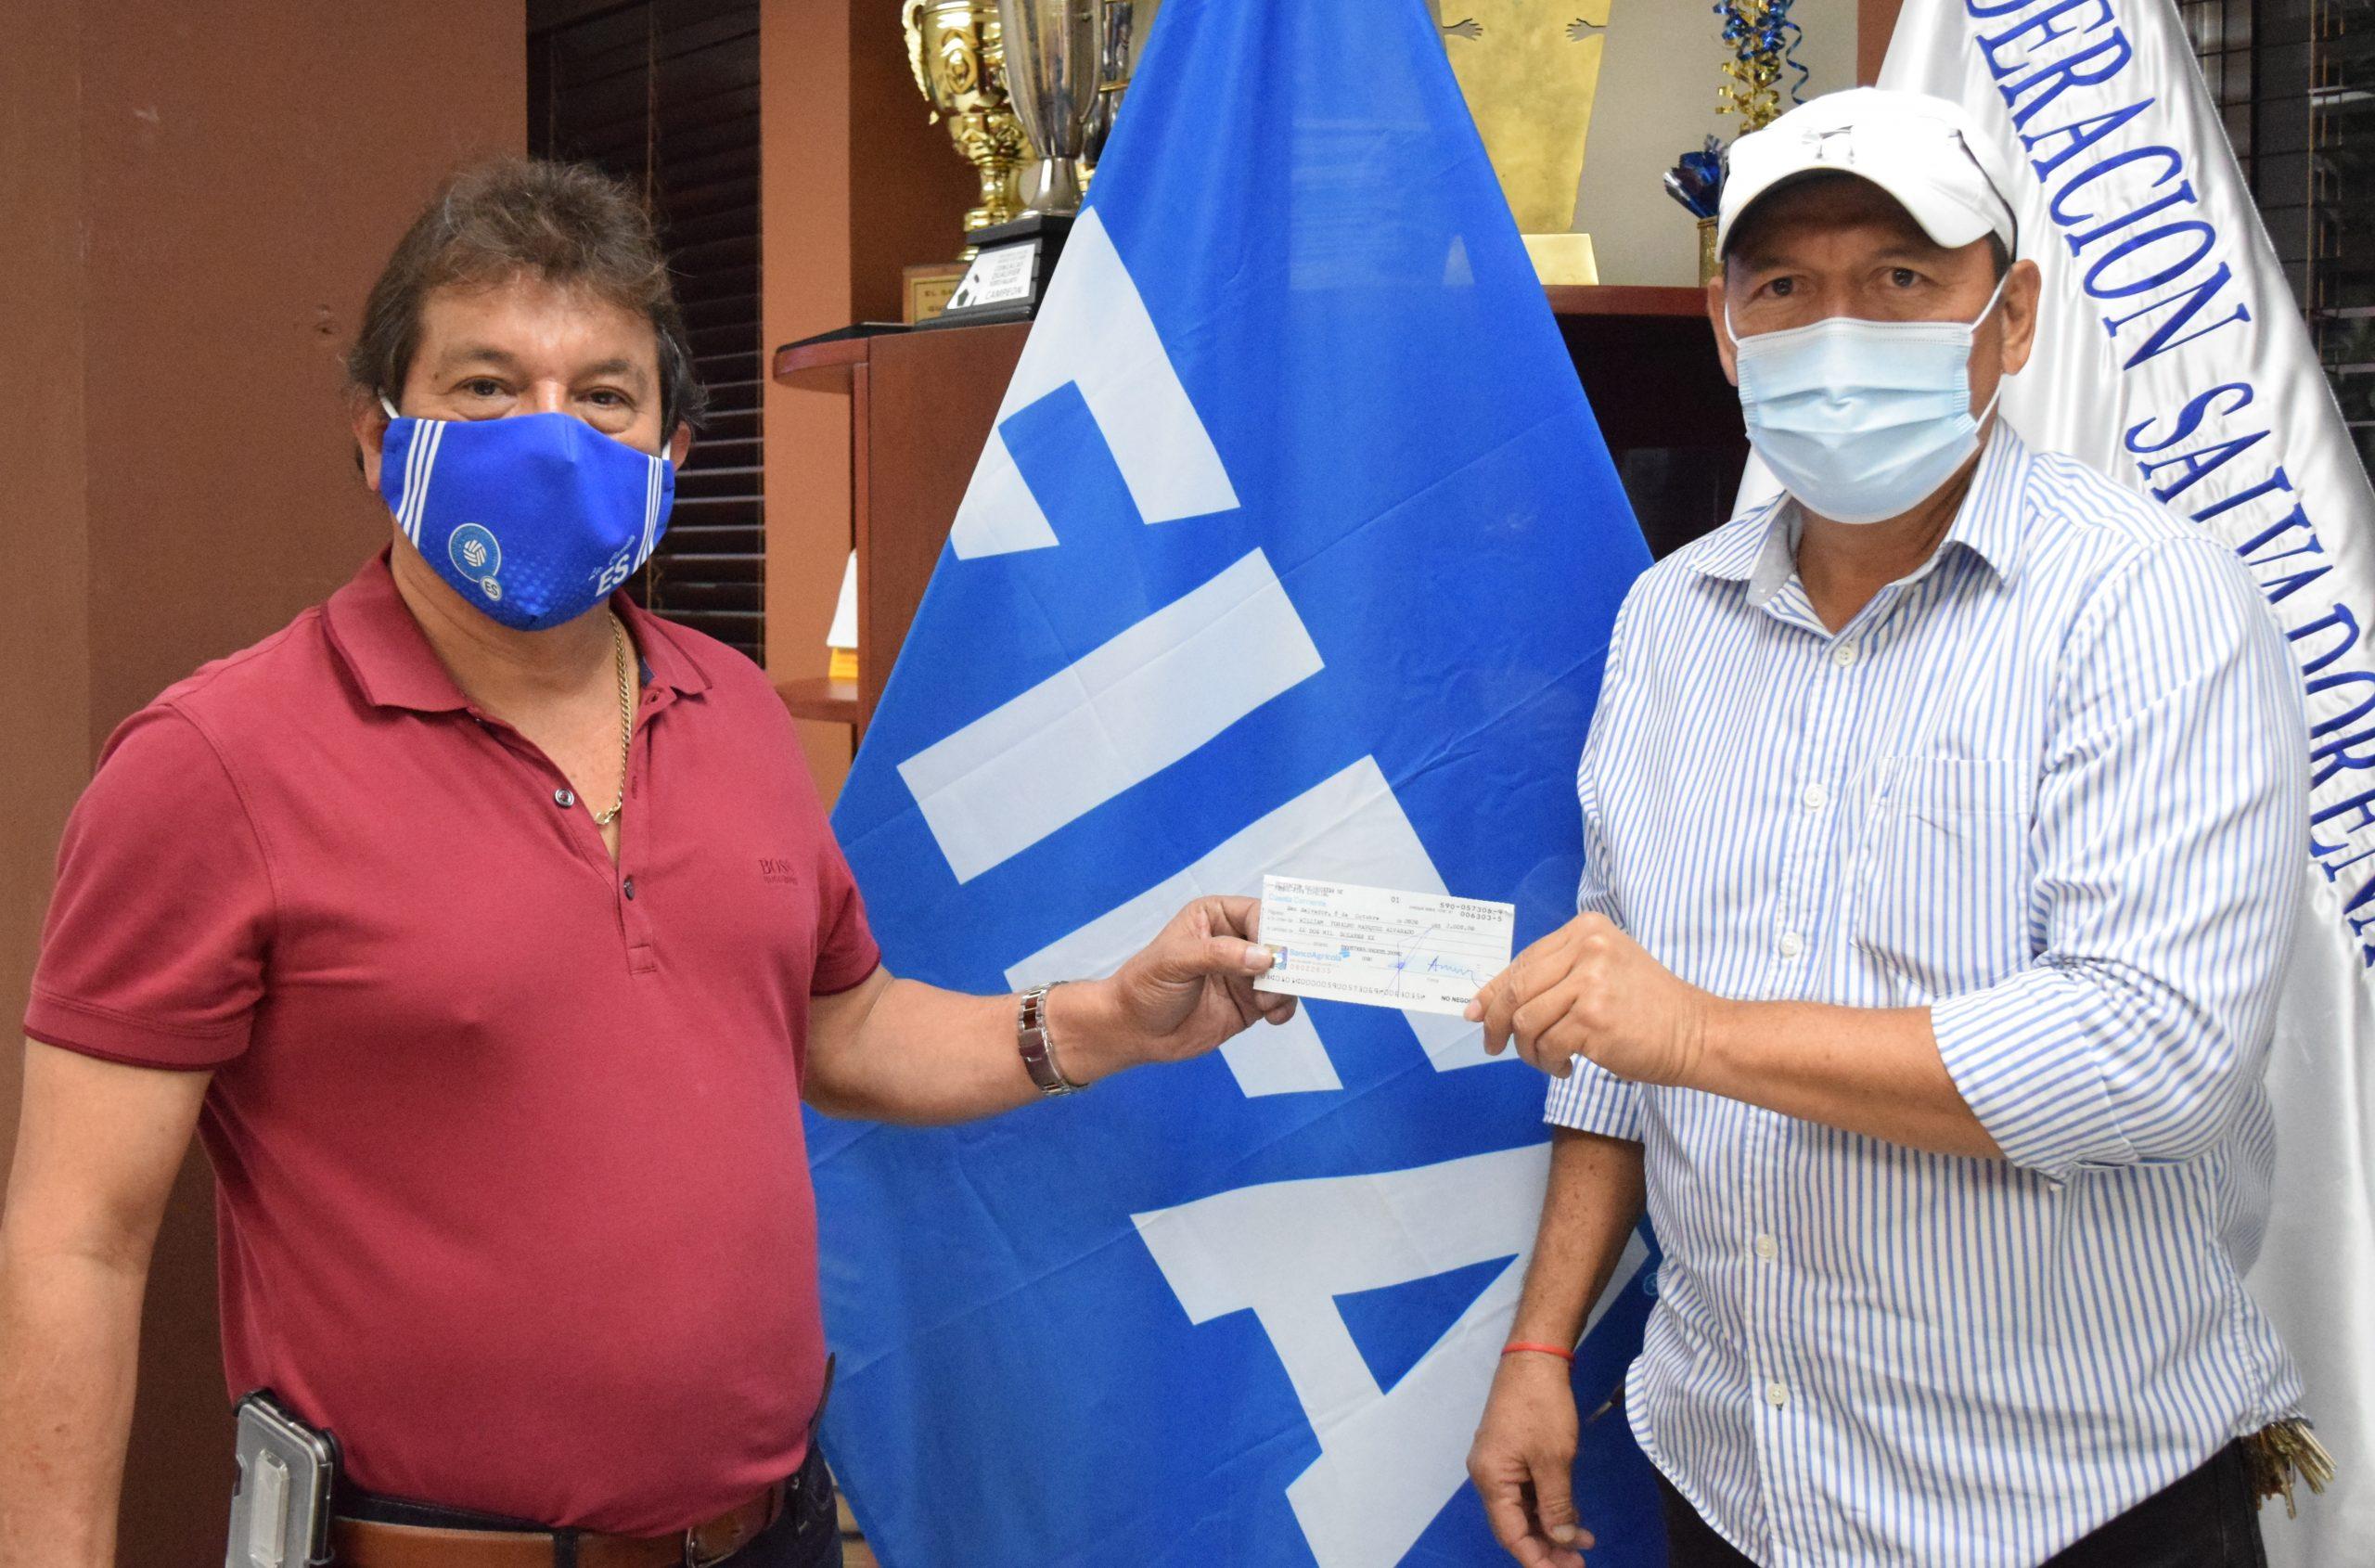 Señor William Márquez de Club Deportivo Halcones de Ereguayquin, Usulután